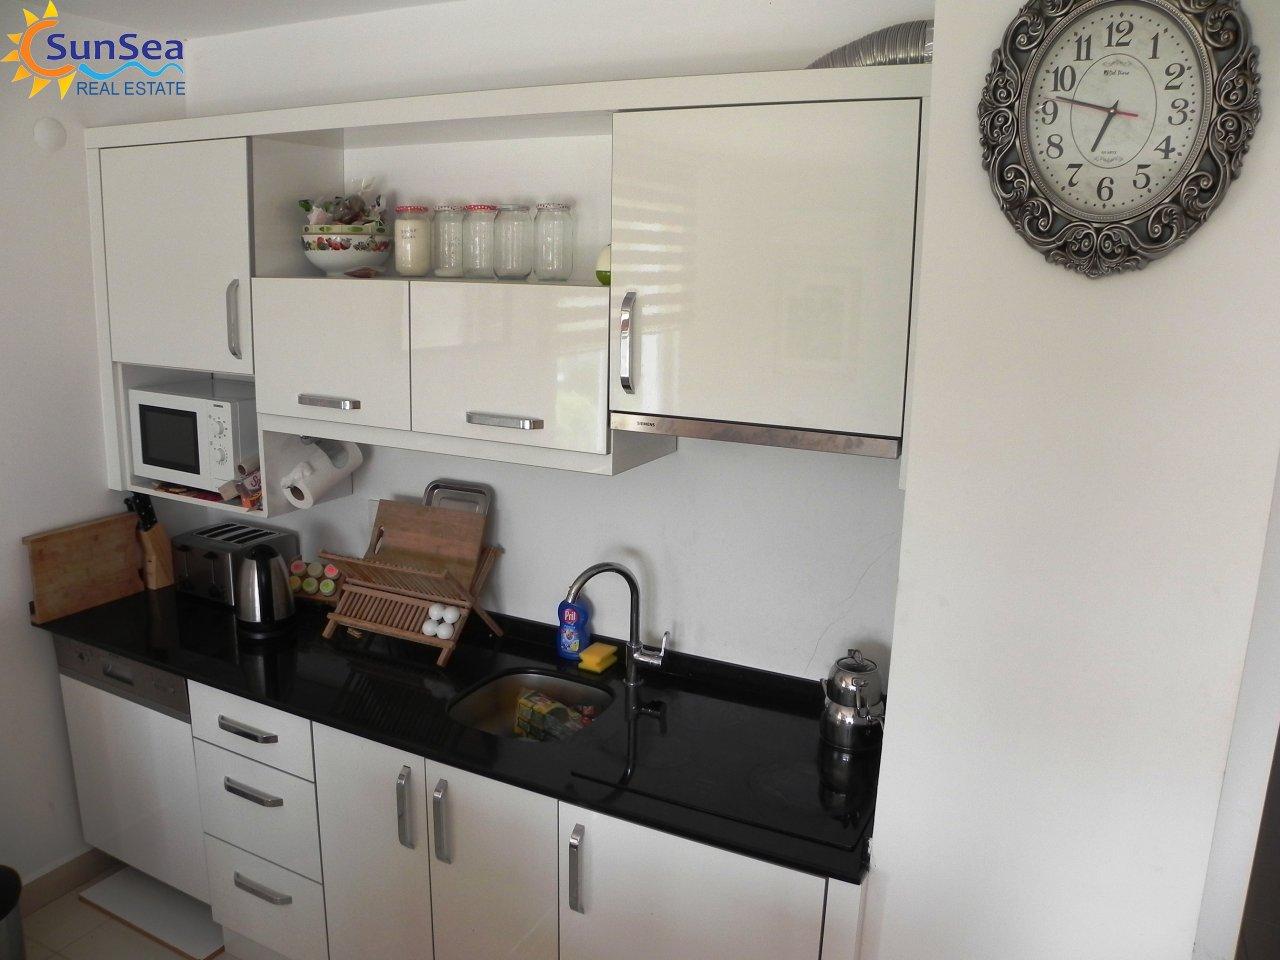 alanya fortuna resort kitchen